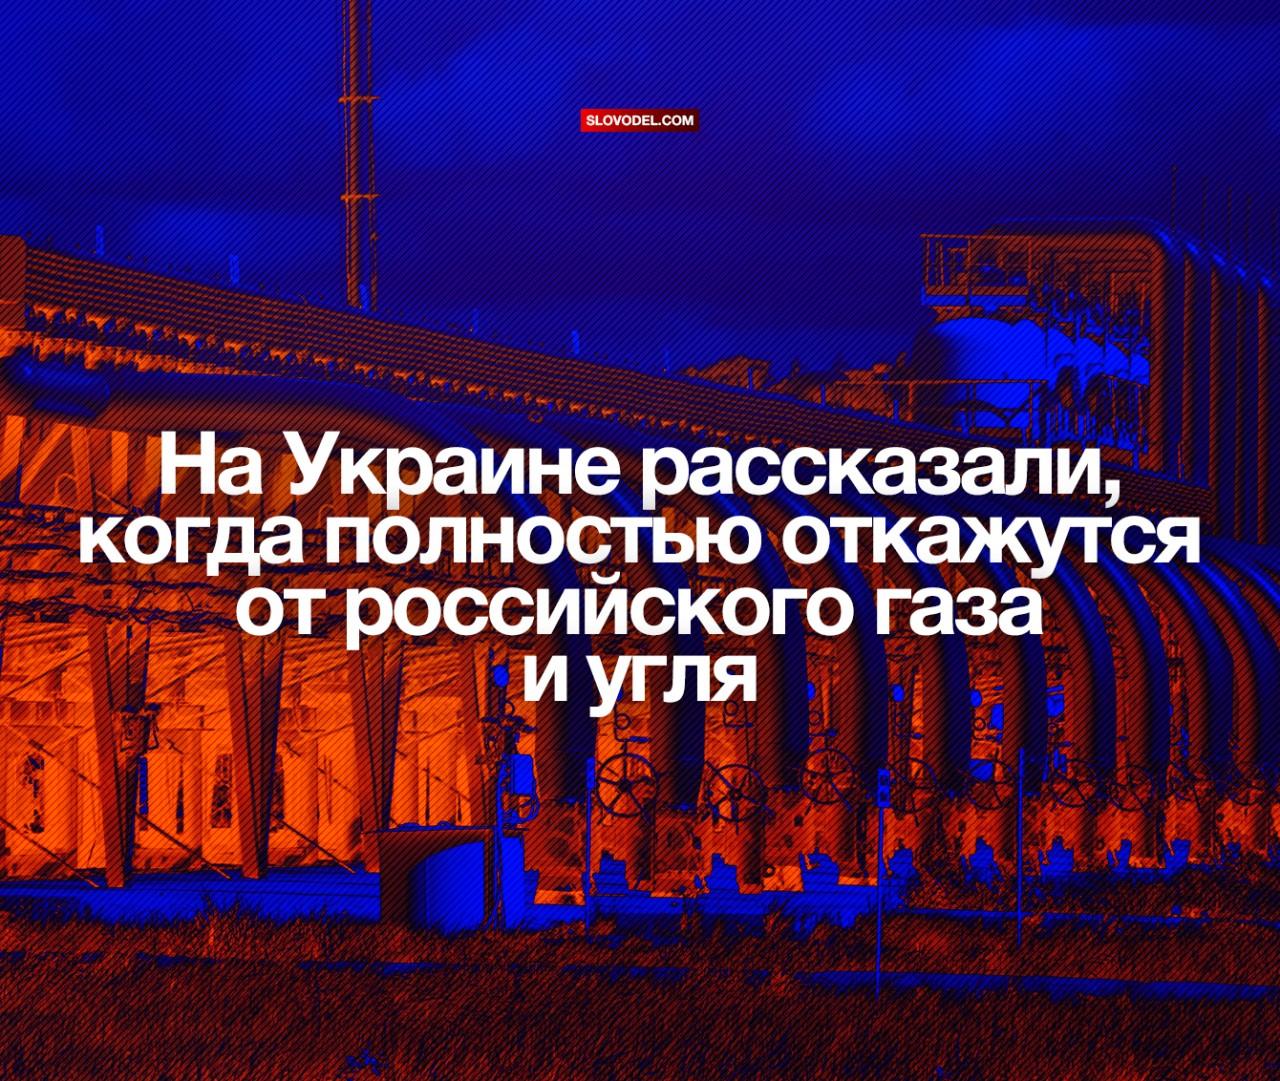 Гройсман помечтал о новых сроках отказа Украины от российского газа и угля